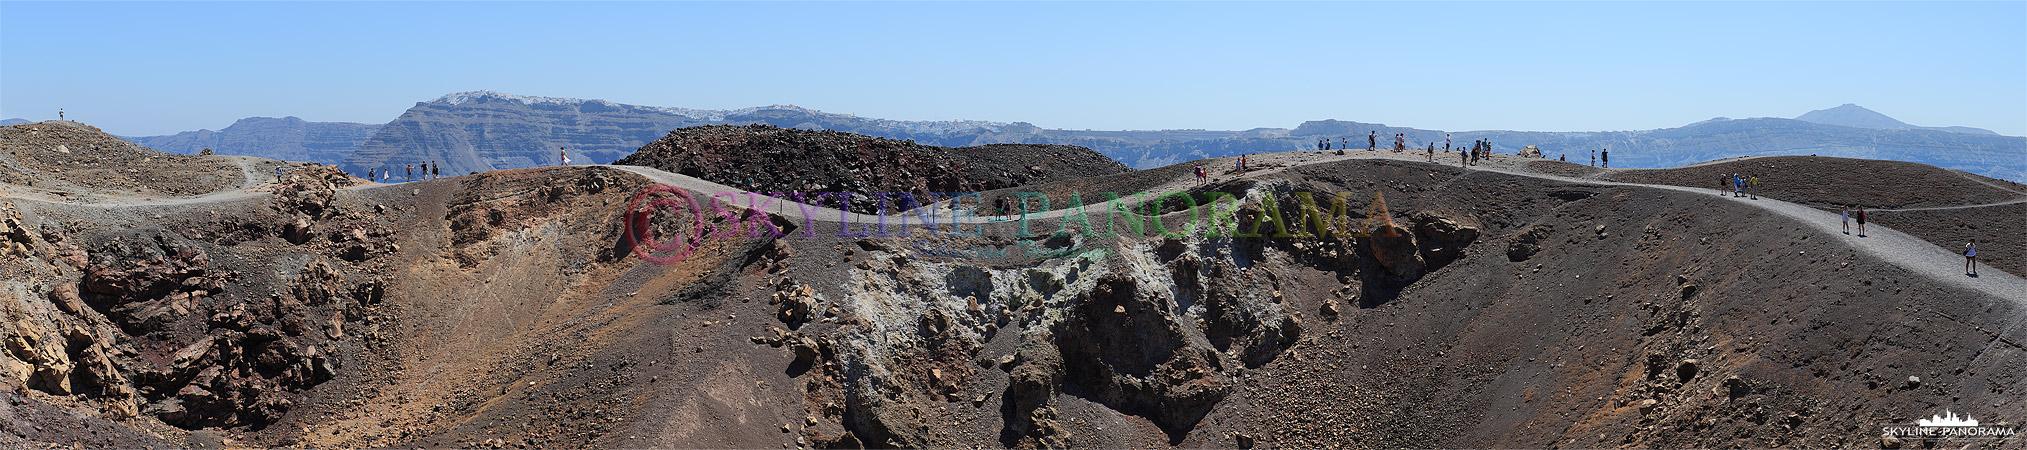 Der Vulkan von Santorini; im Vordergrund kann man die Schwefeldämpfe des ruhenden Kraters beobachten, im Hintergrund sieht man den Ort Fira auf der Hauptinsel.